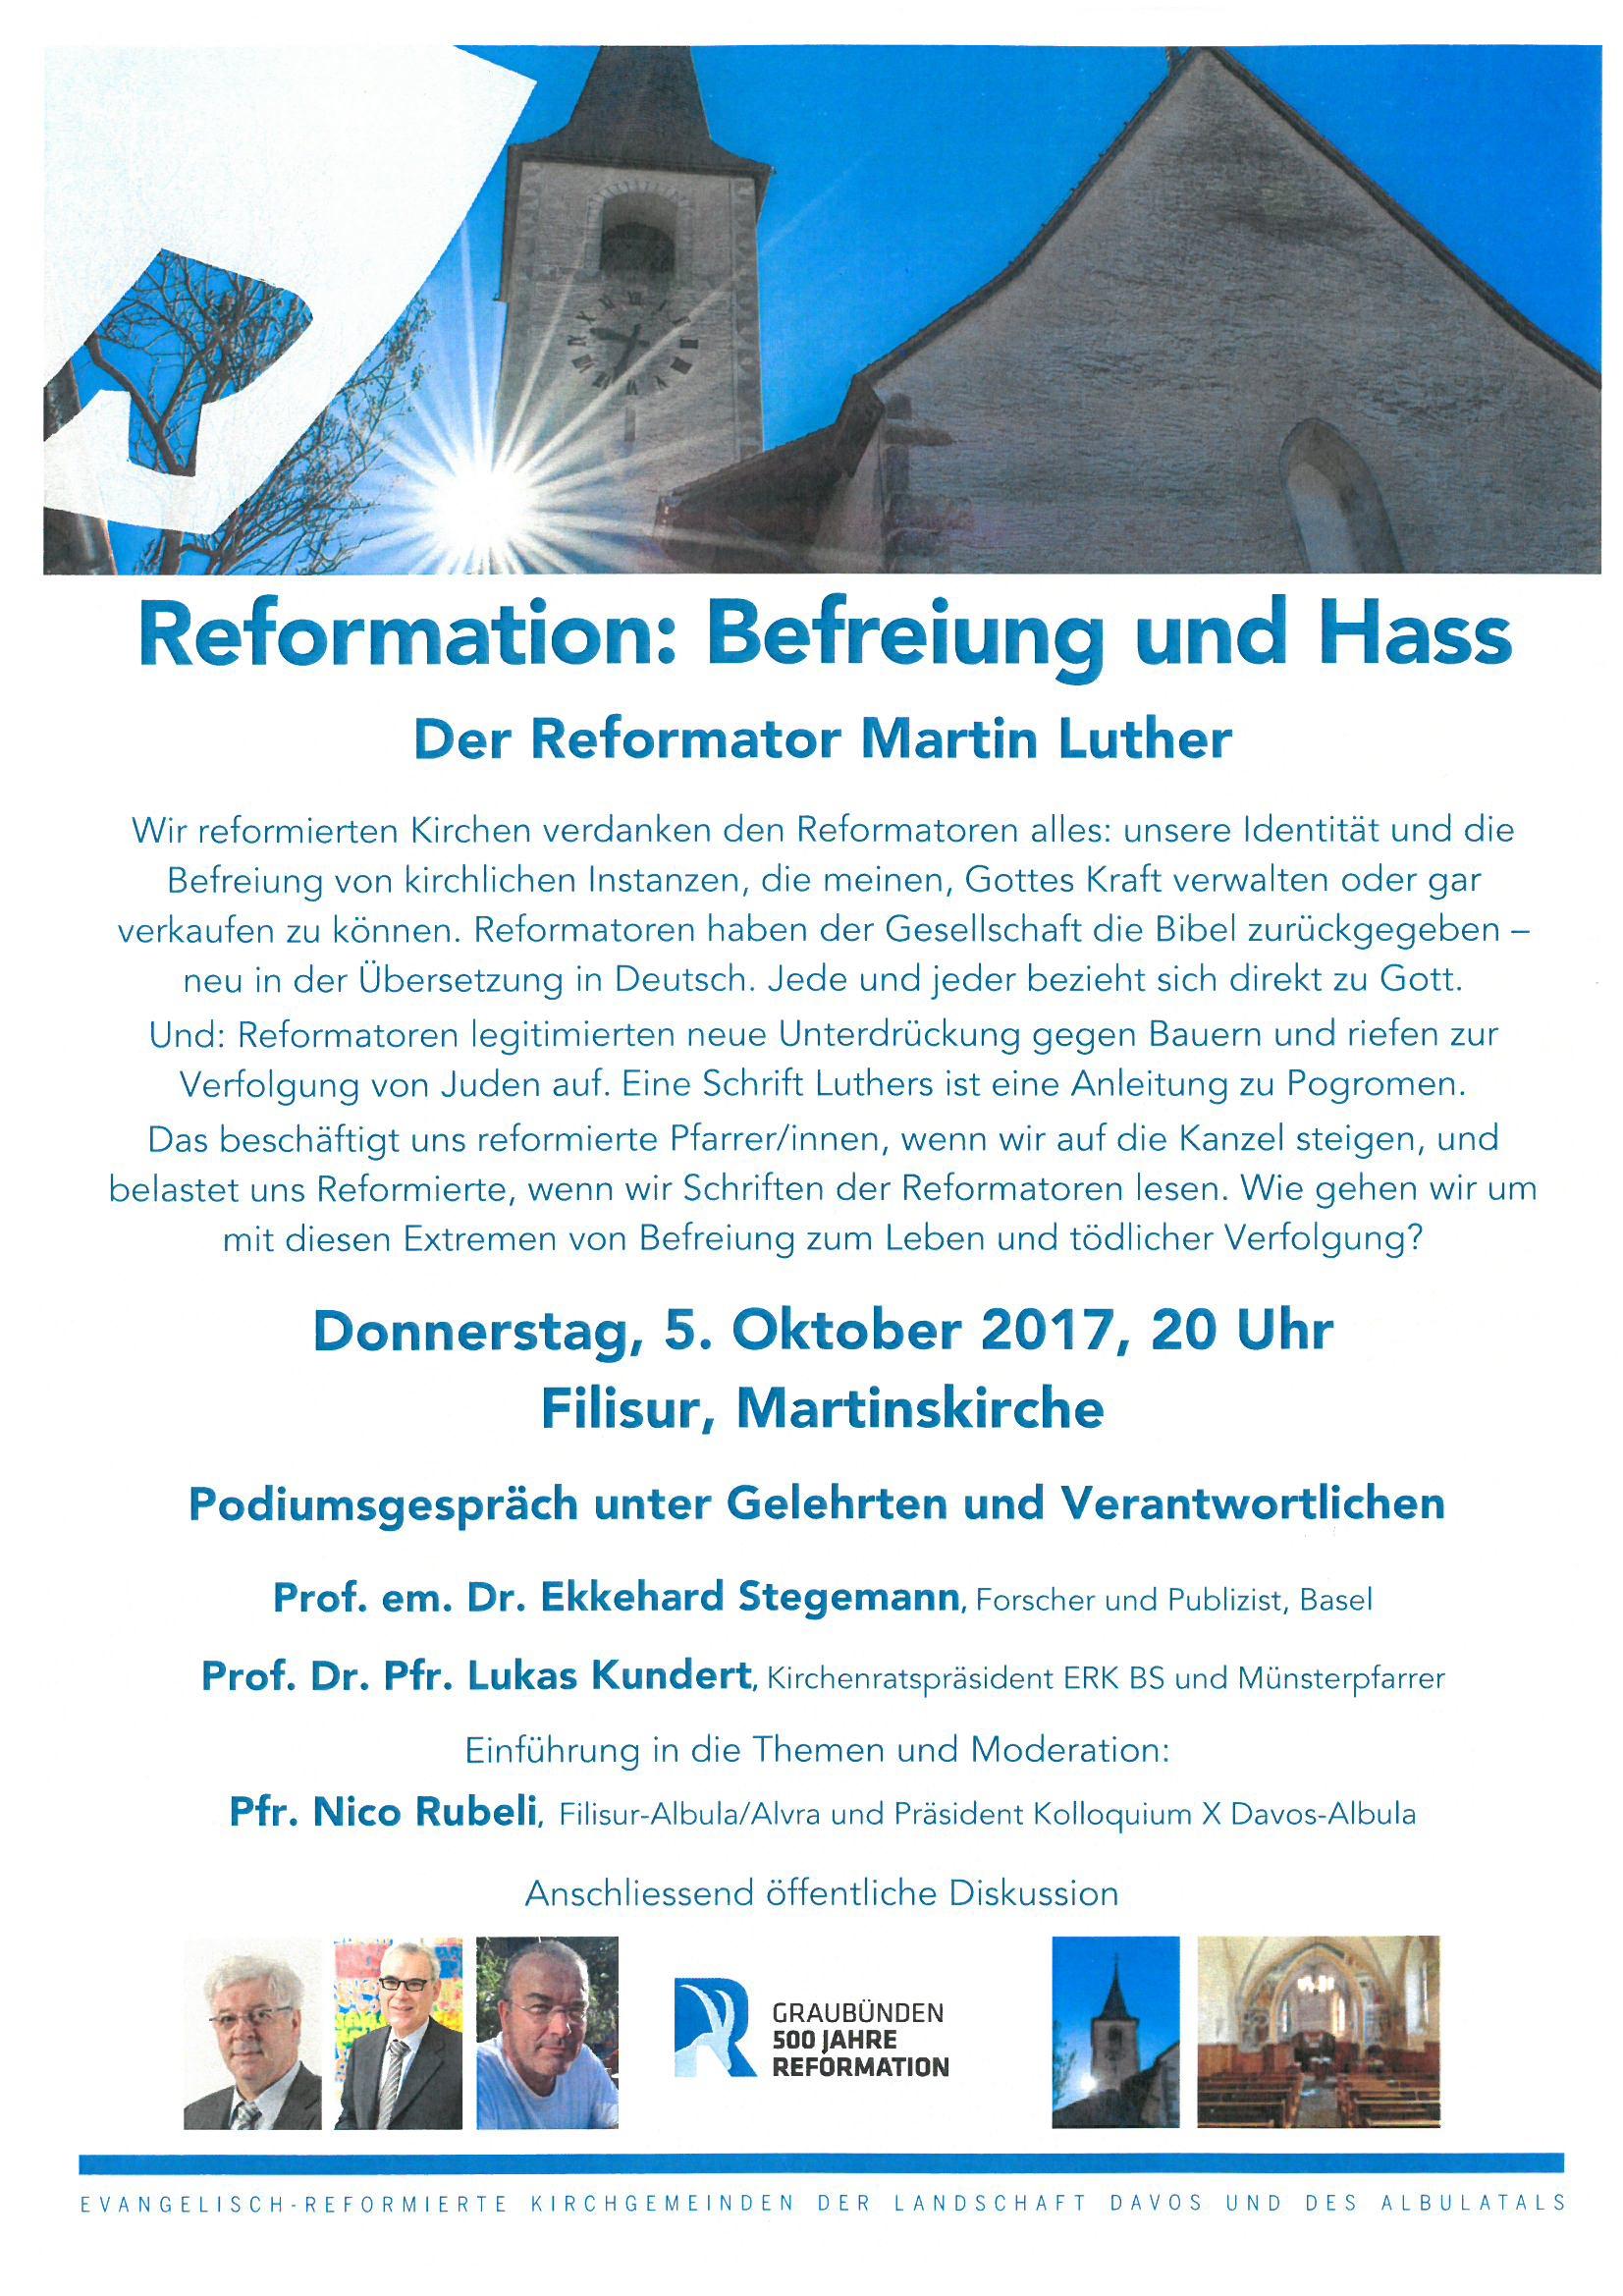 Reformation: Befreiung und Hass